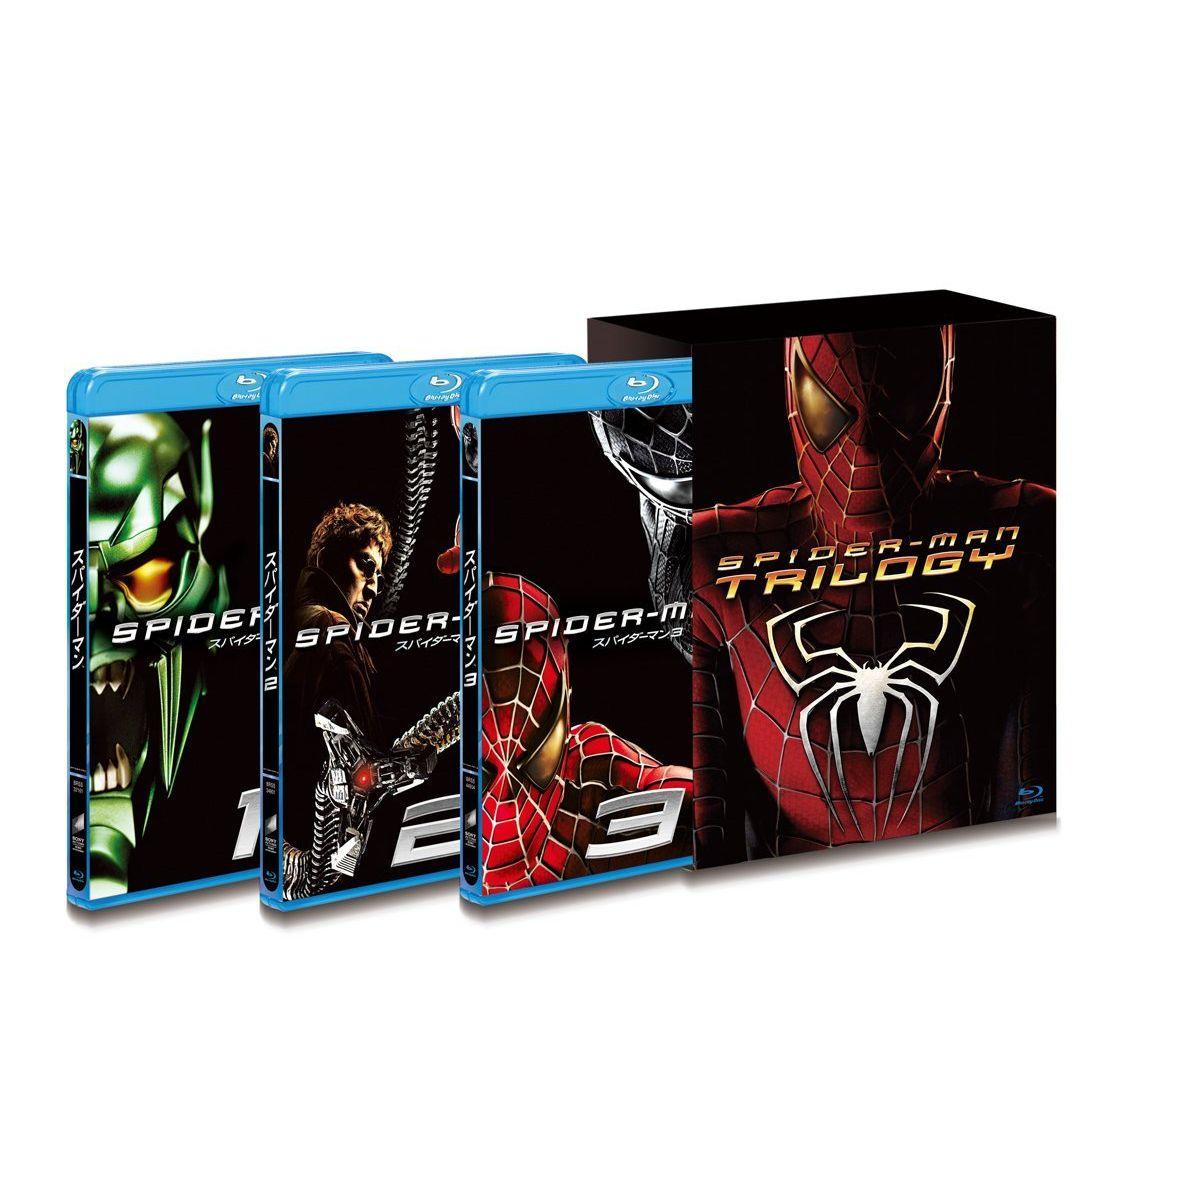 スパイダーマン トリロジーボックス【Blu-ray】 [ トビー・マグワイア ]...:book:15816207